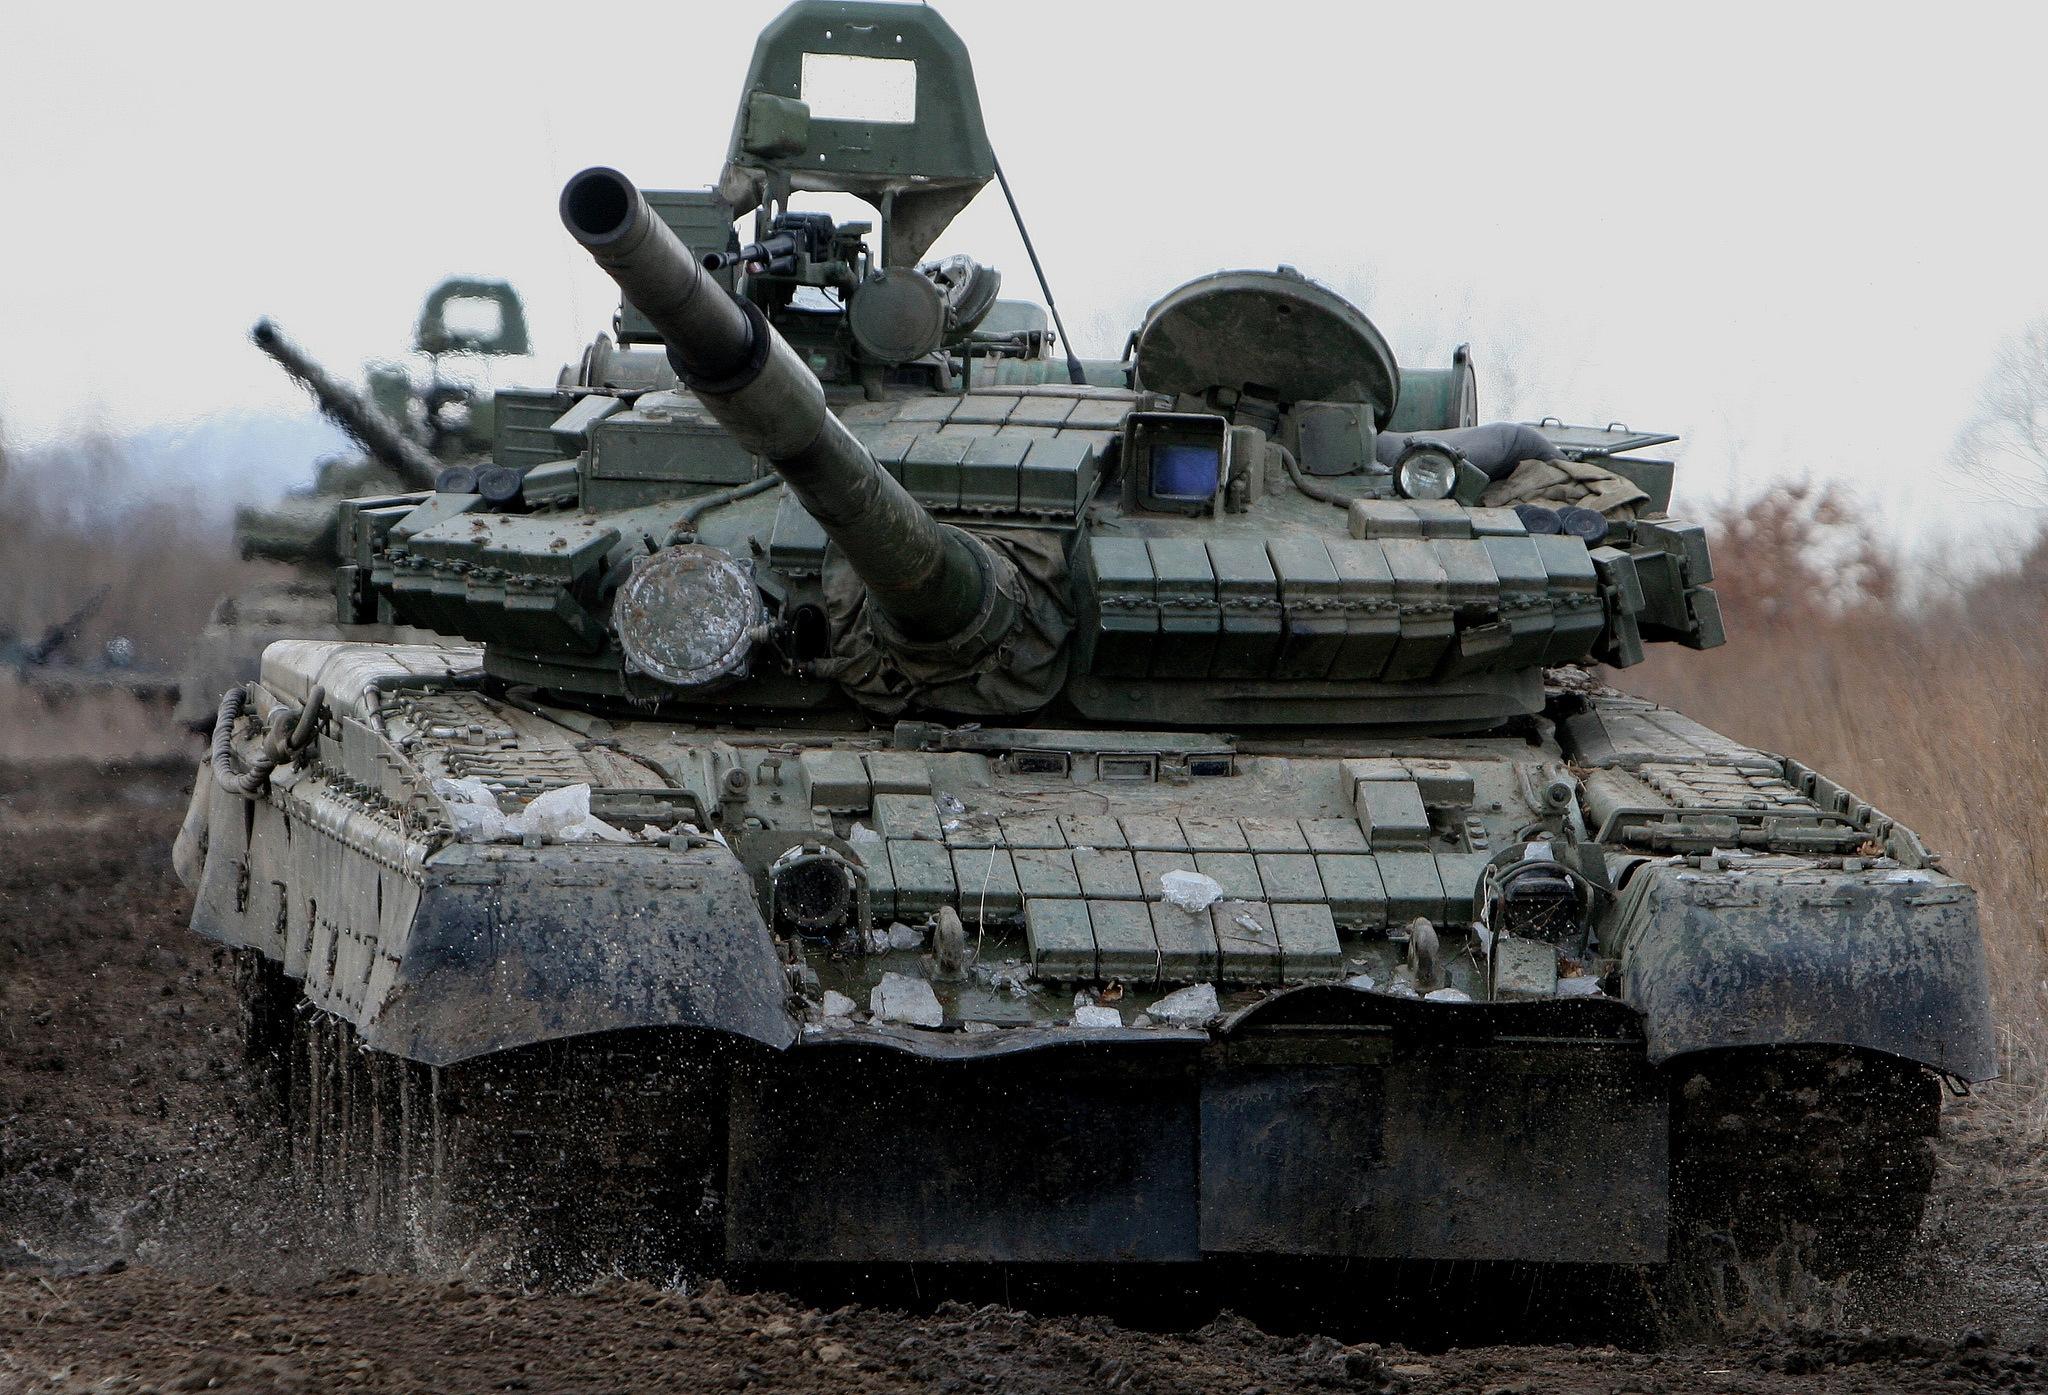 t-80bv-boevoy-tank-dulo-gryaz-7582.jpg